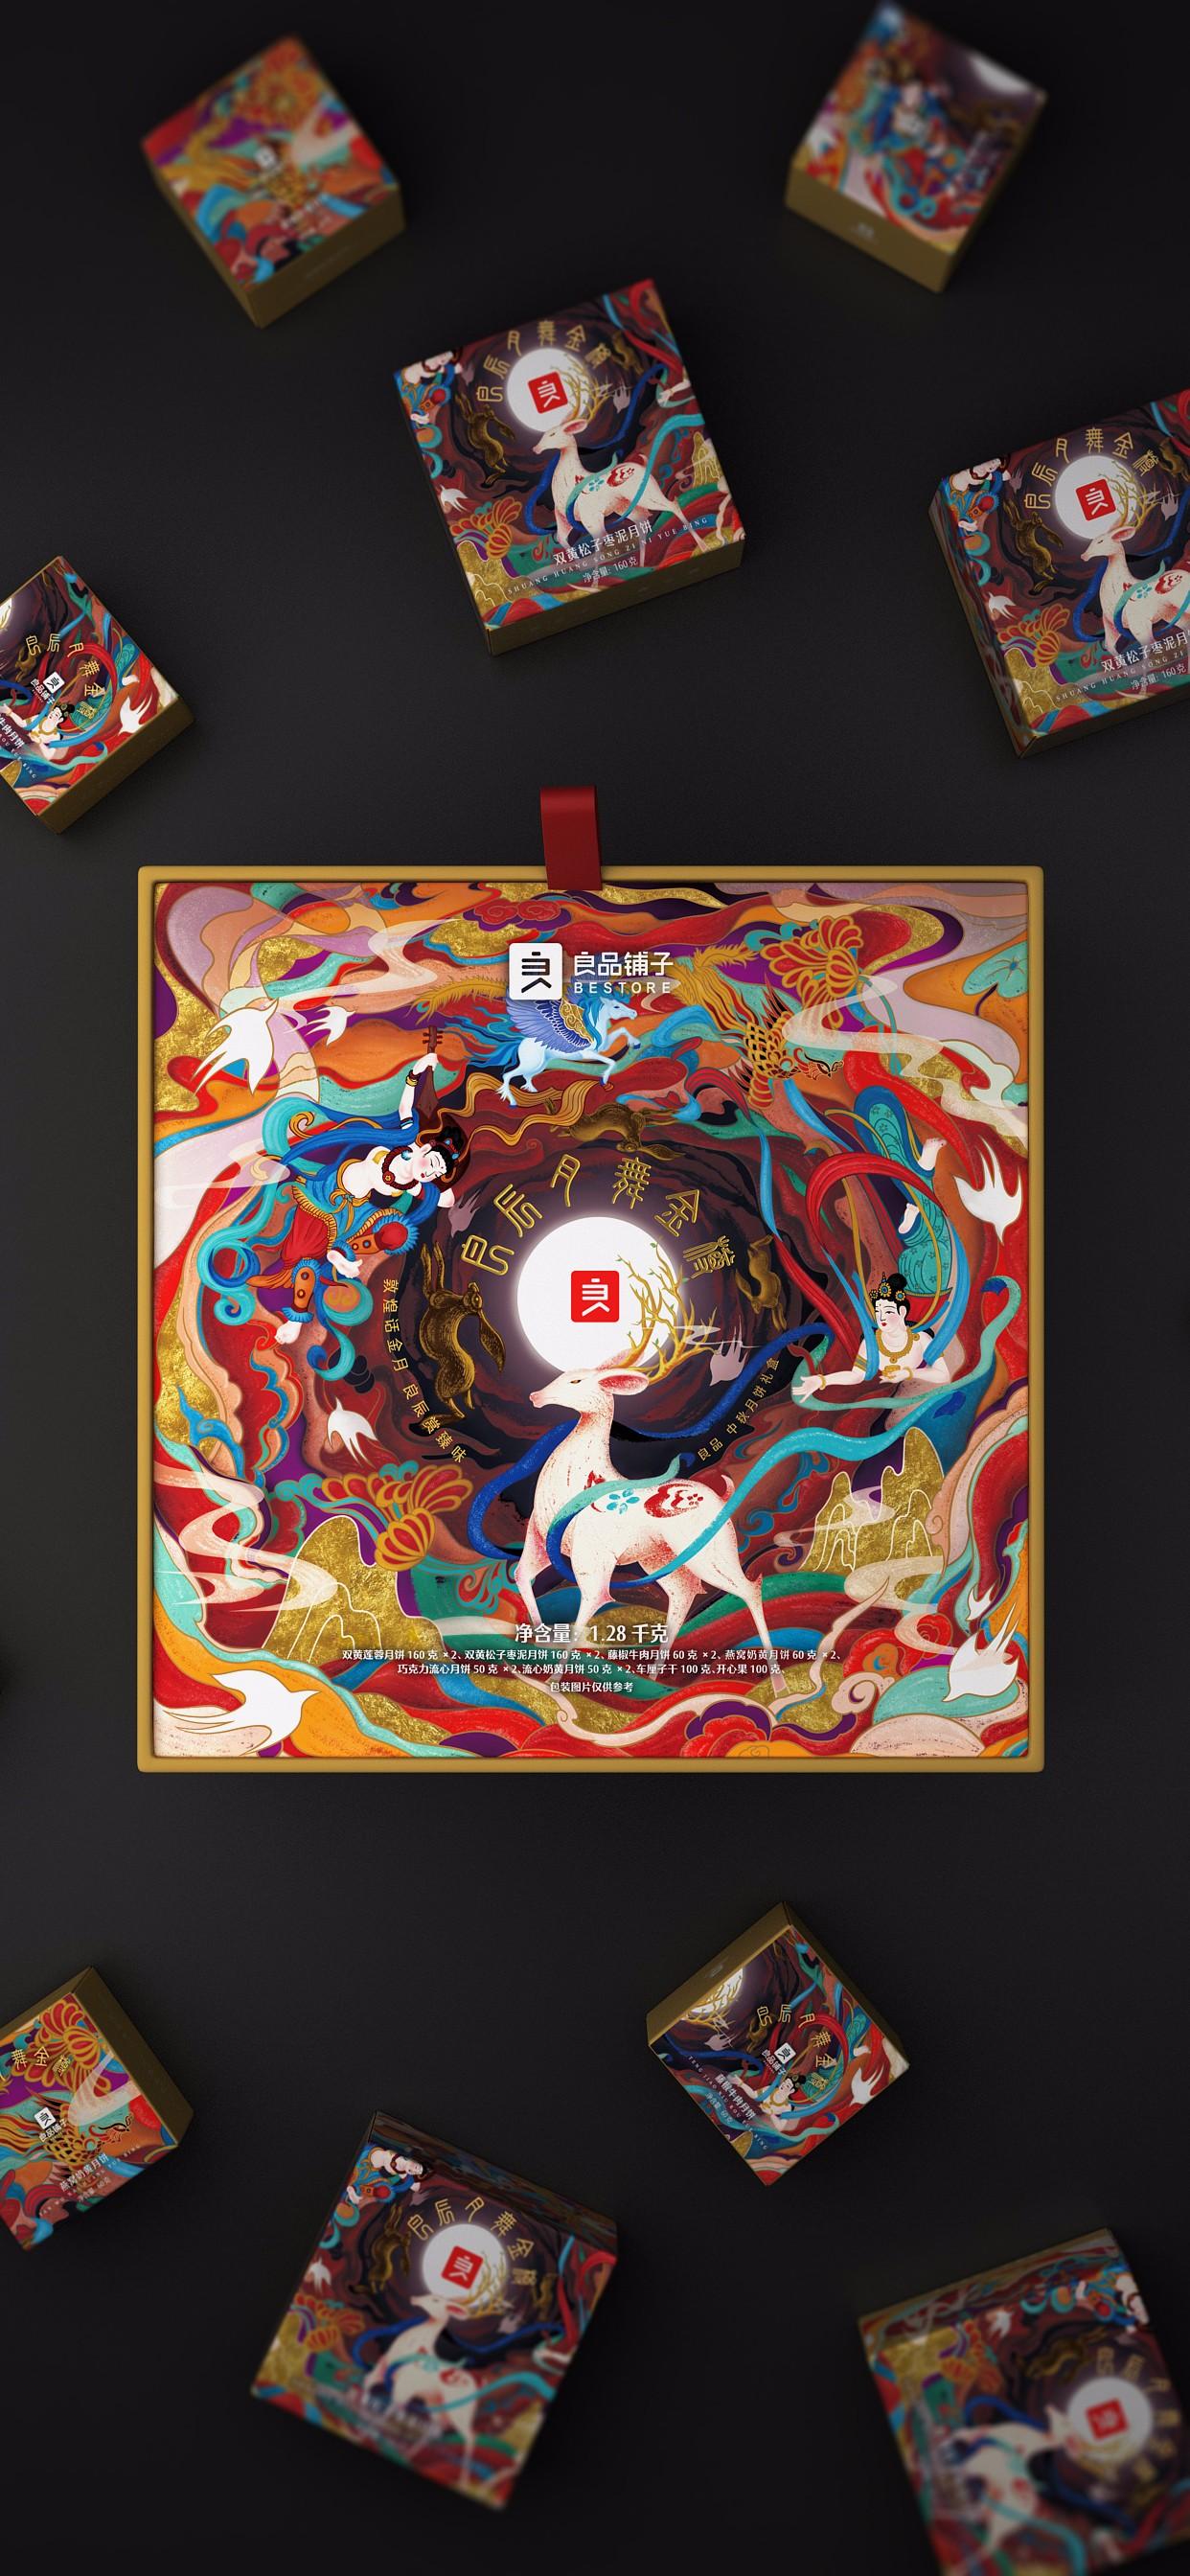 """潘虎的壁画款""""月光宝盒"""",让敦煌艺术穿越千年"""